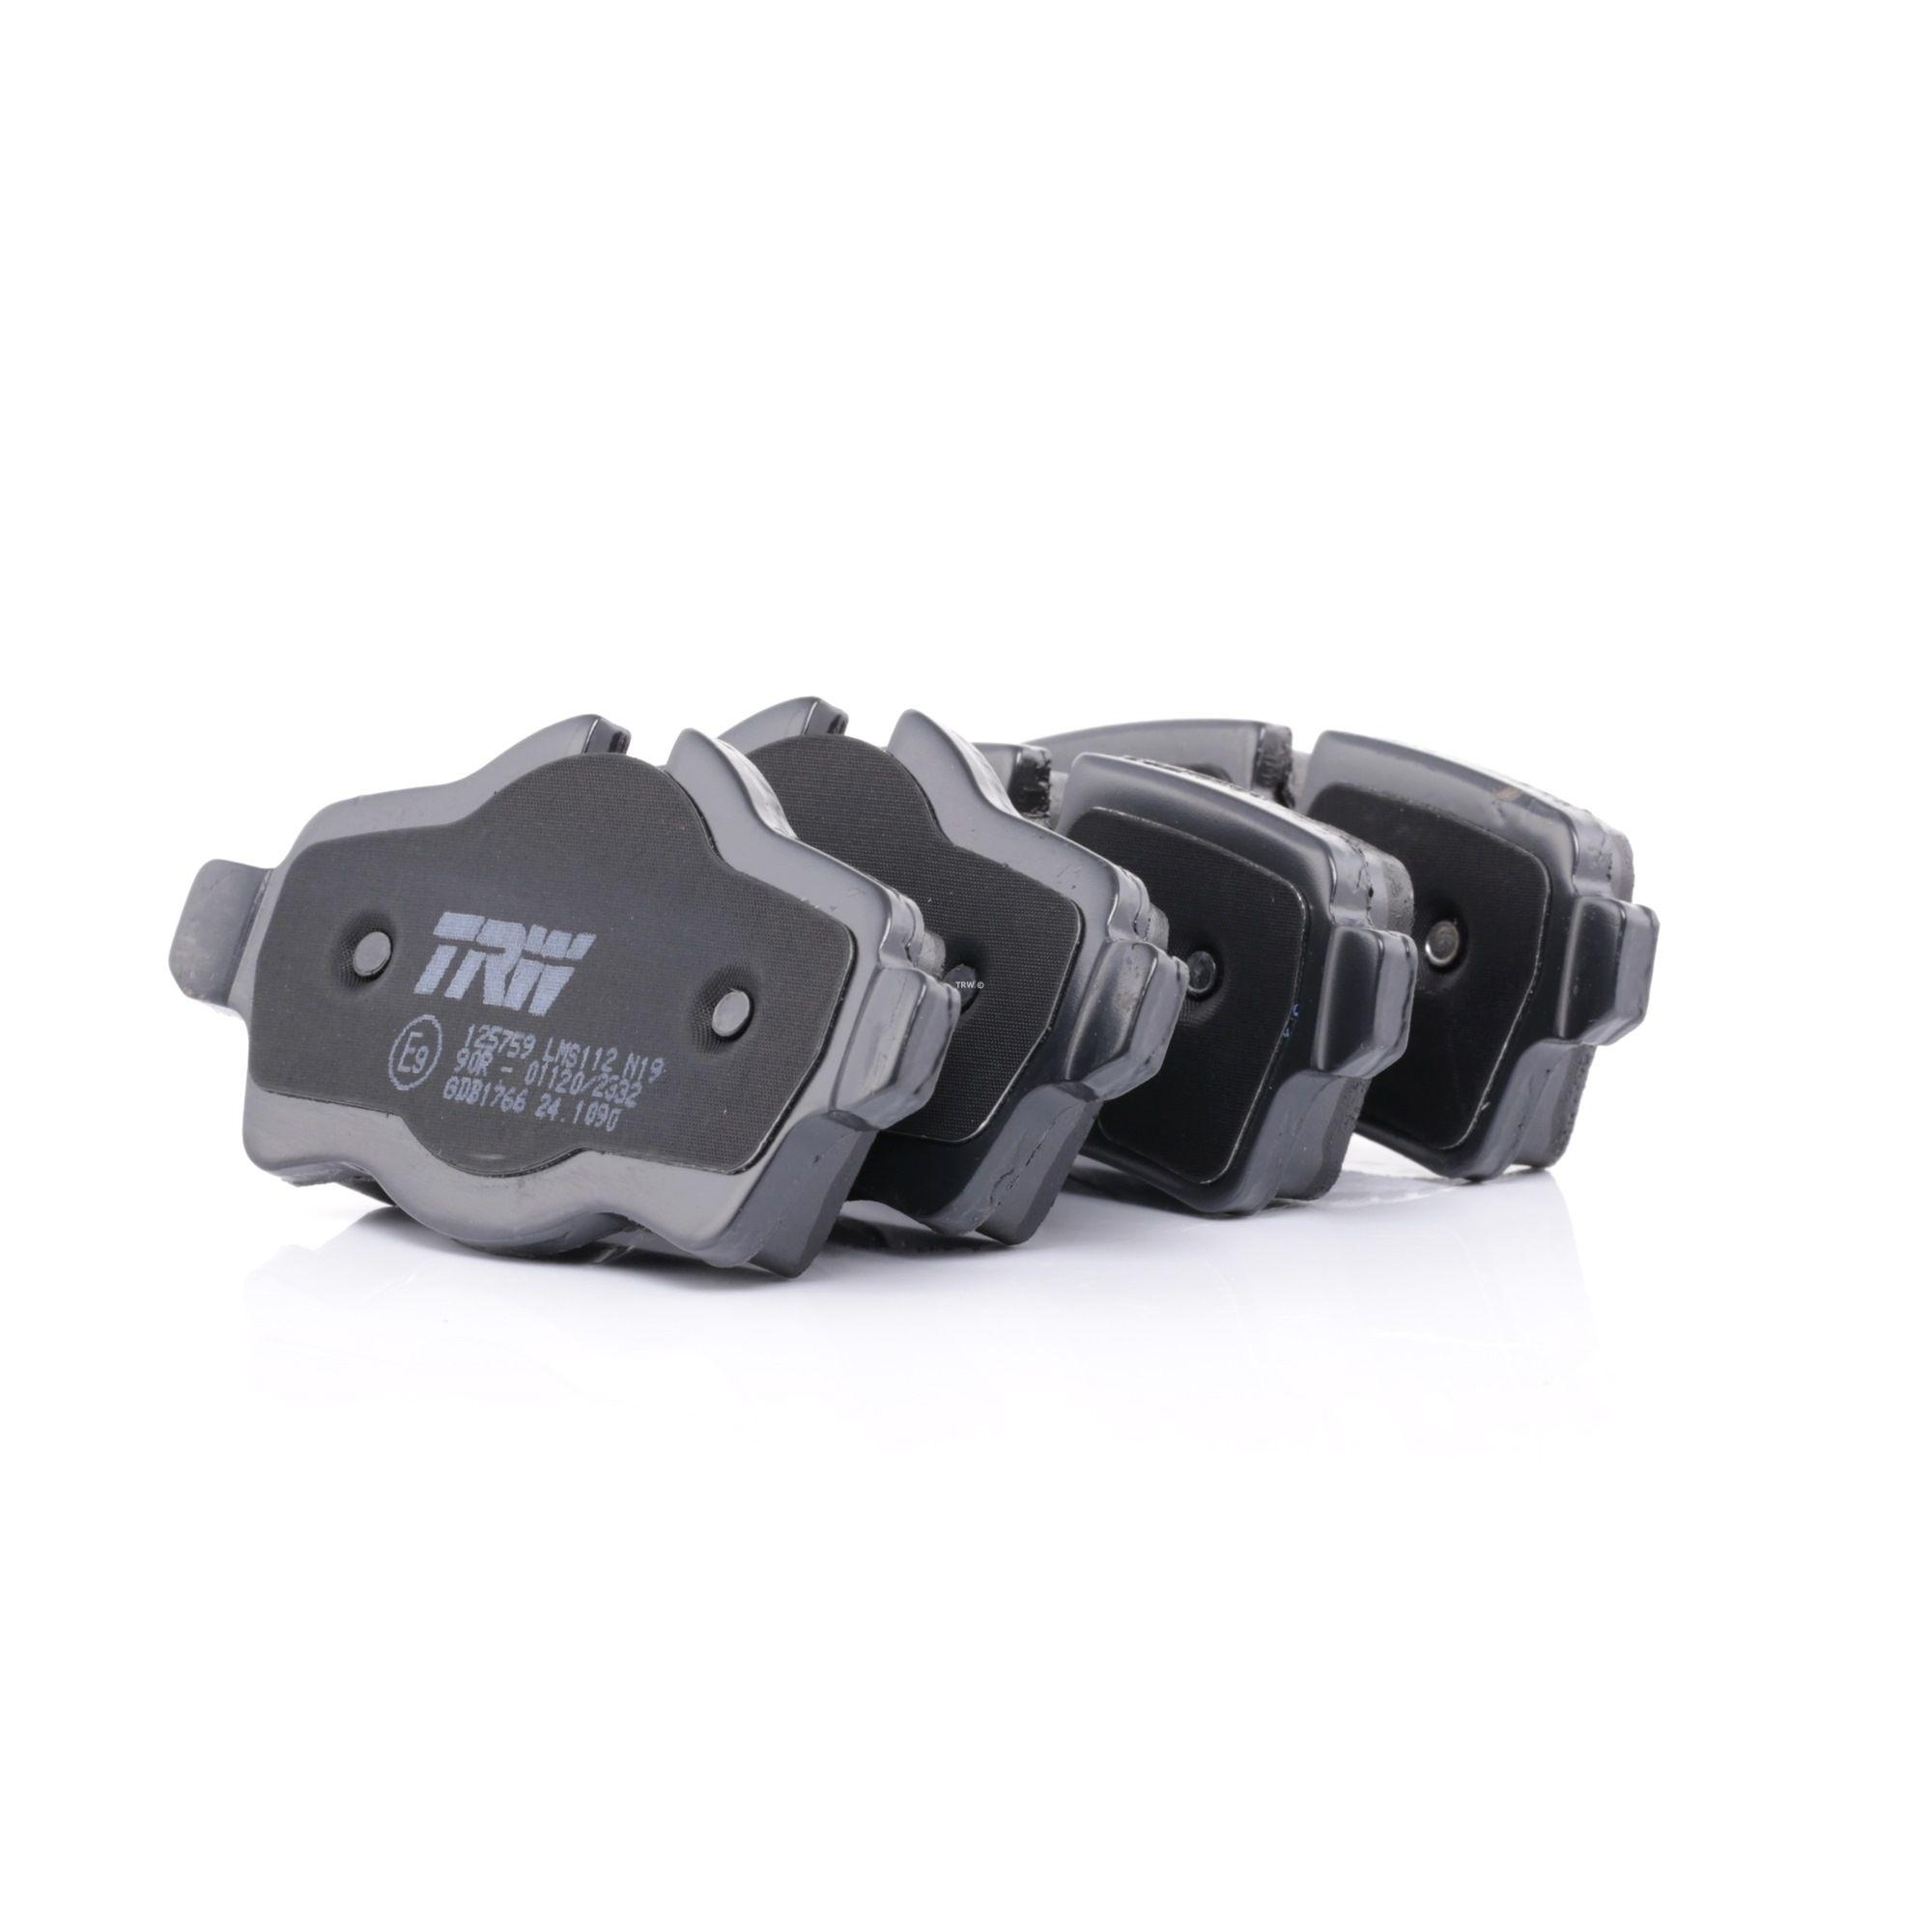 24290 TRW COTEC für Verschleißwarnanzeiger vorbereitet, mit Bremssattelschrauben, mit Zubehör Höhe 1: 49,2mm, Höhe 2: 39,2mm, Dicke/Stärke: 17,0mm Bremsbelagsatz, Scheibenbremse GDB1766 günstig kaufen